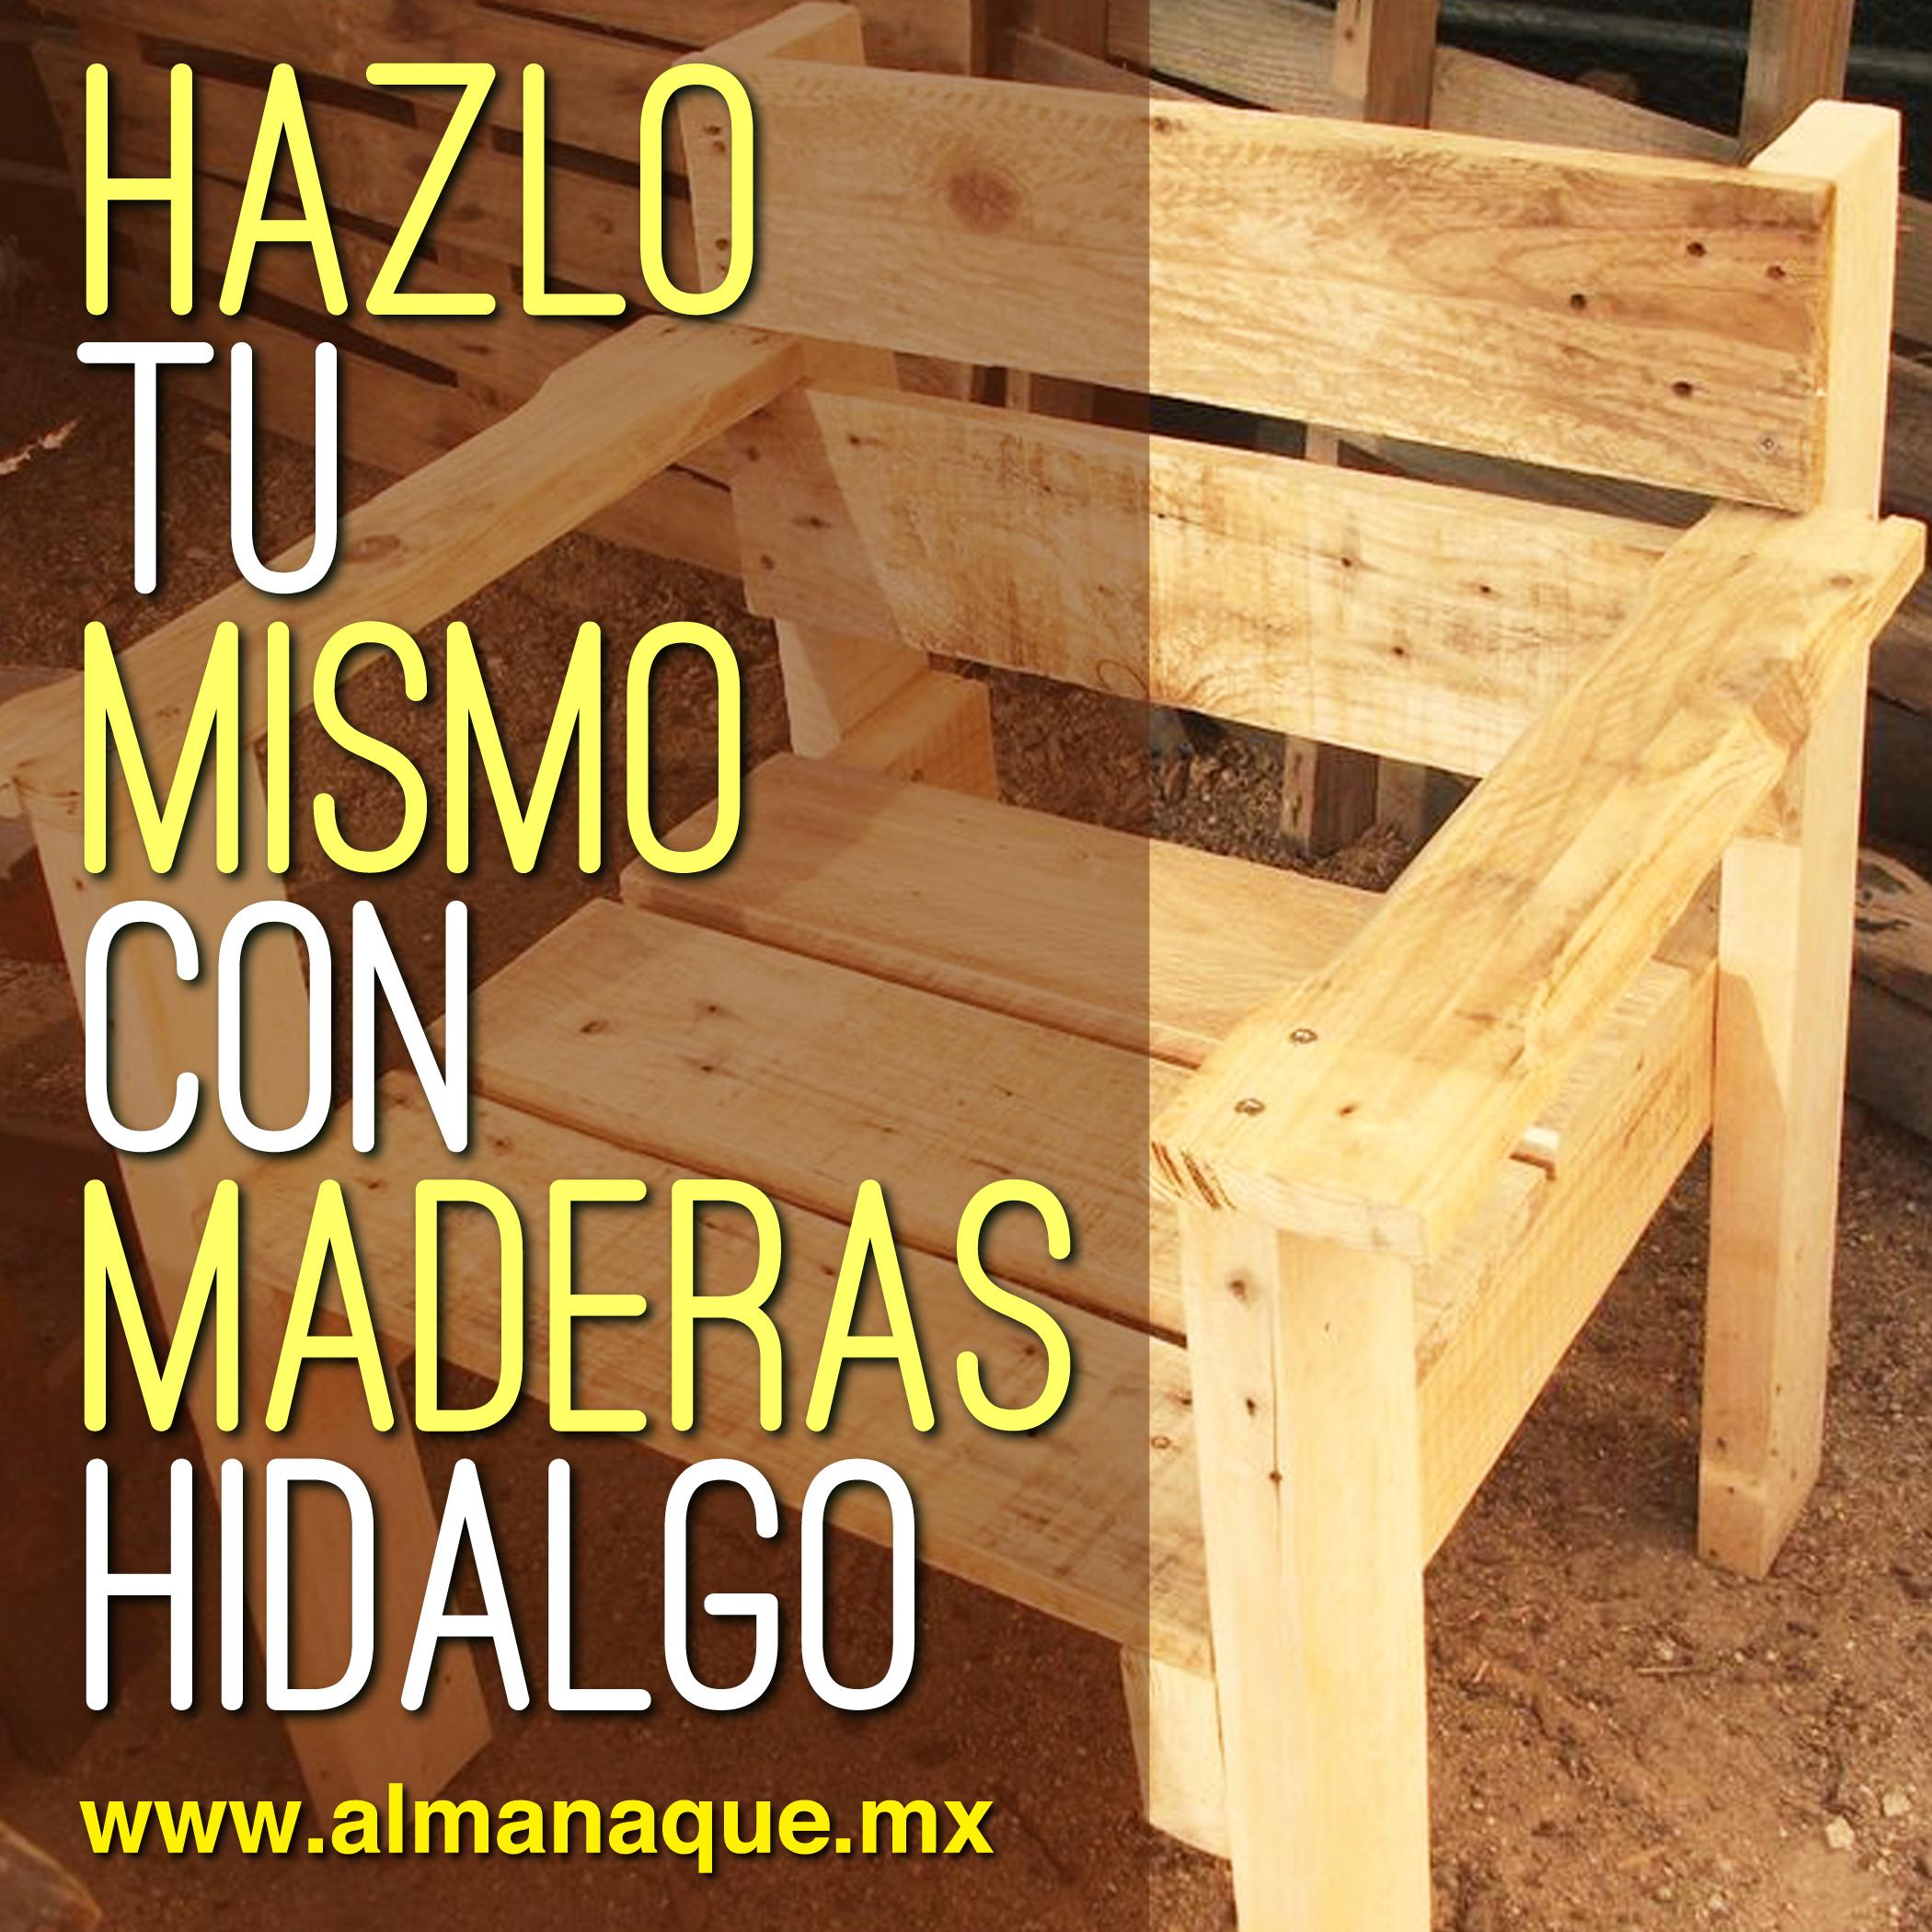 maderas-hidalgo-almanaque-mx-blog